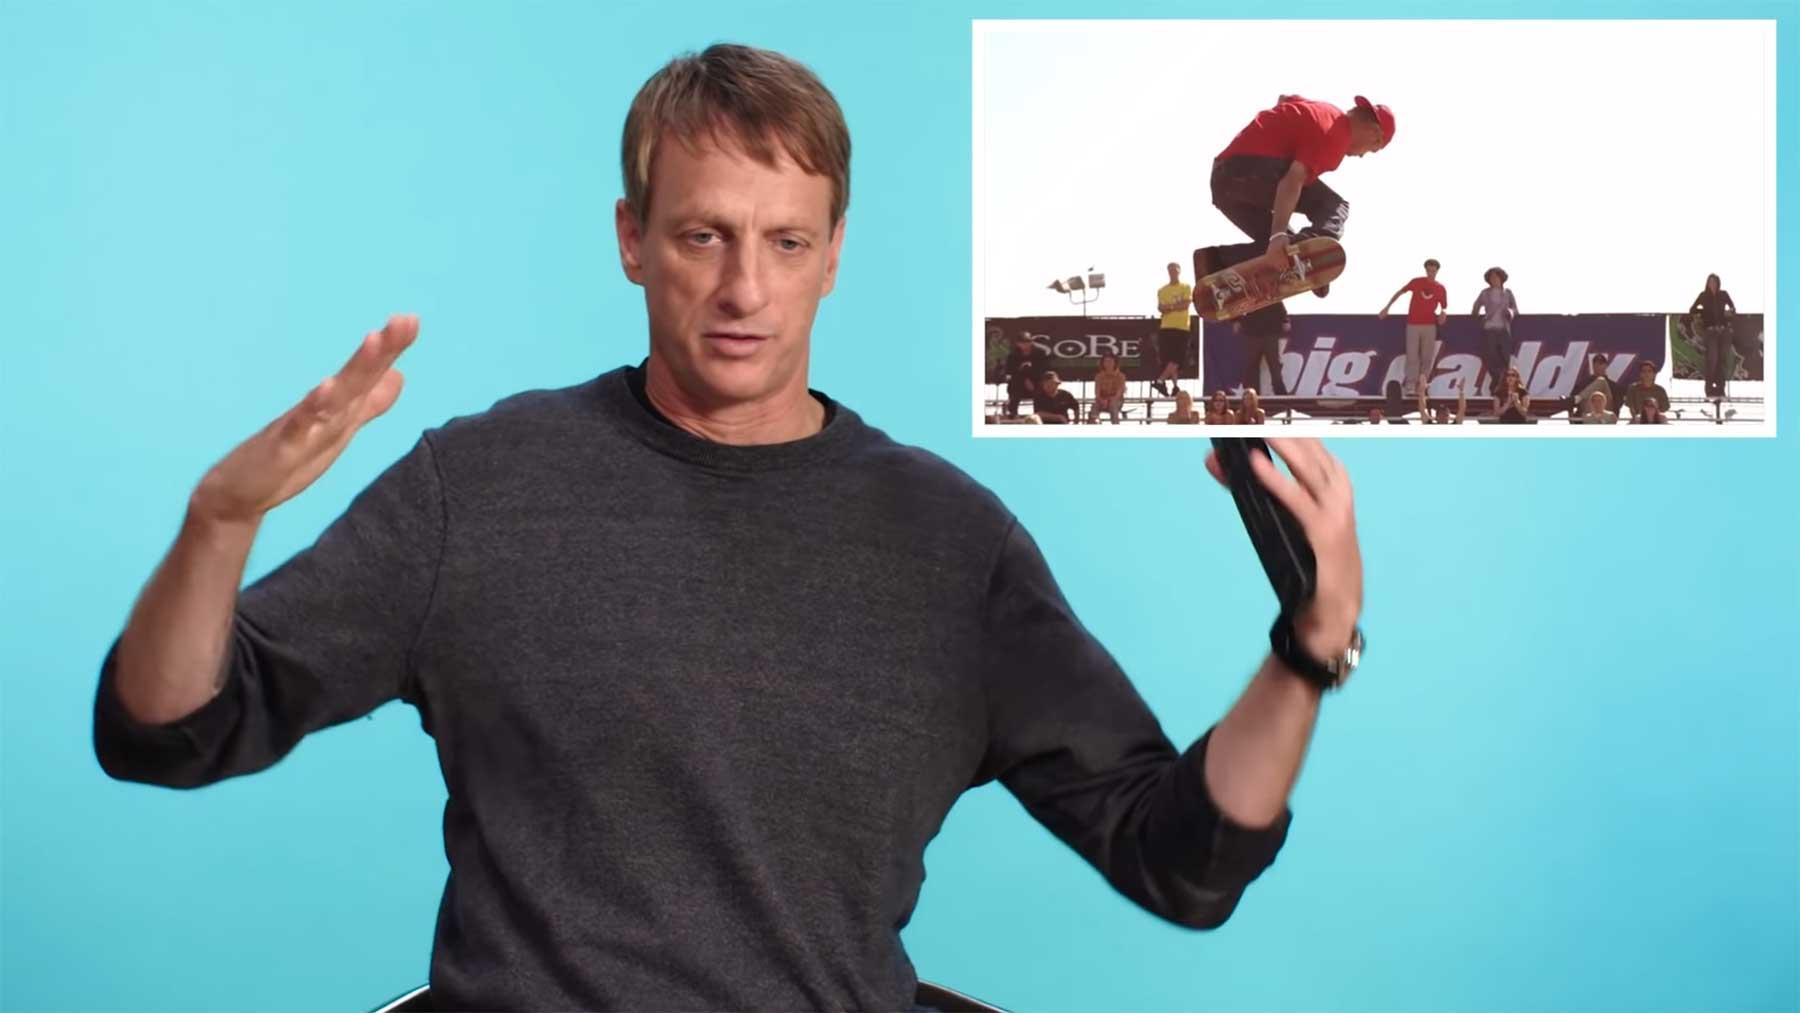 Tony Hawk beurteilt Skateboarding-Szenen in Filmen